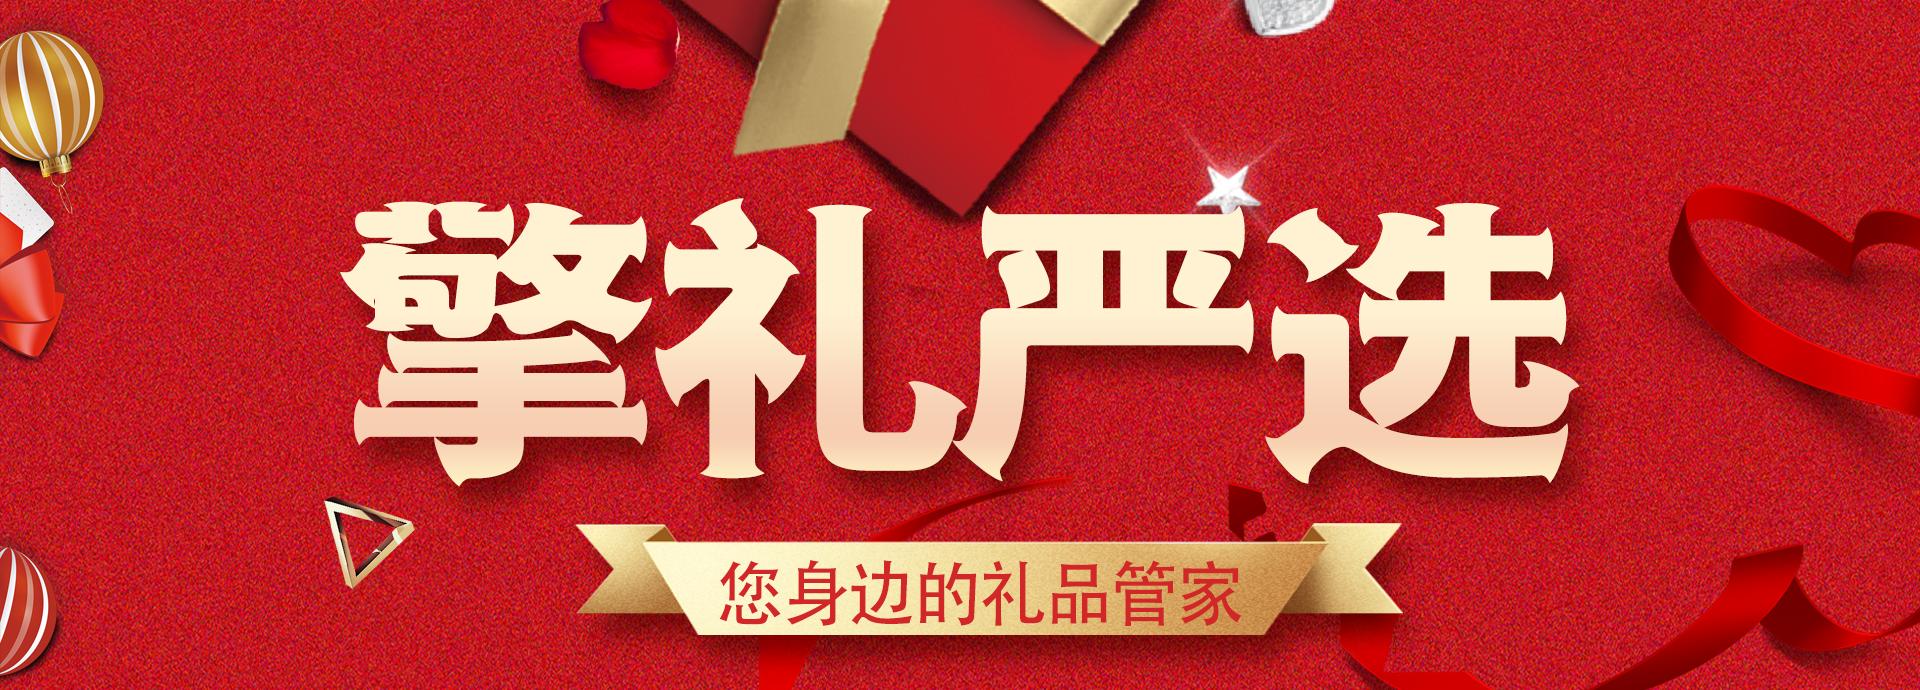 公司年会礼品,500元以内求推荐,各个年龄段都有!